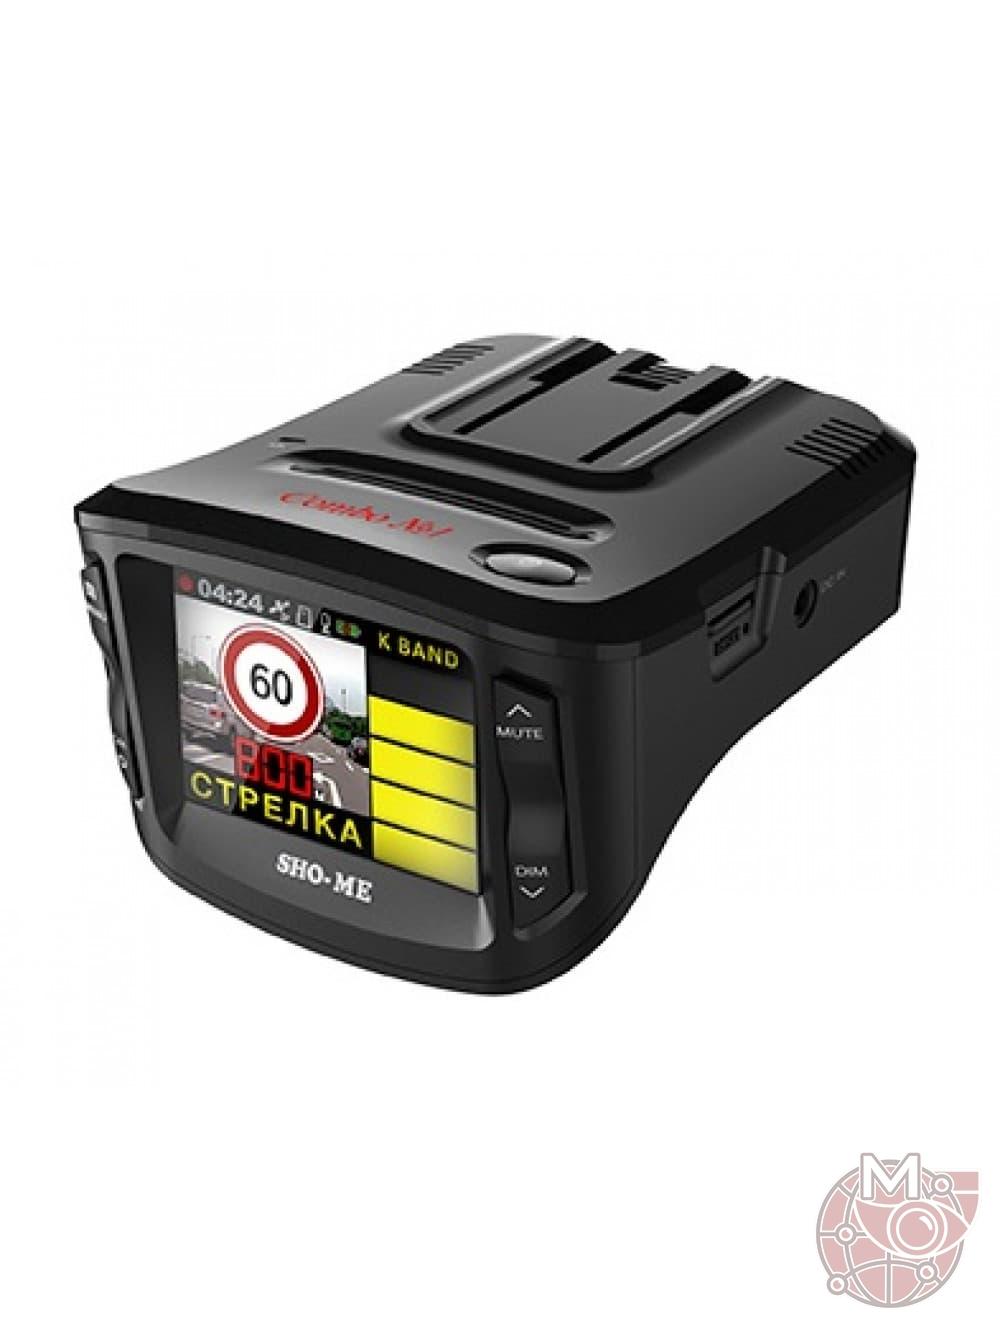 Автомобильный видеорегистратор + антирадар SHO-ME Combo №5 A12